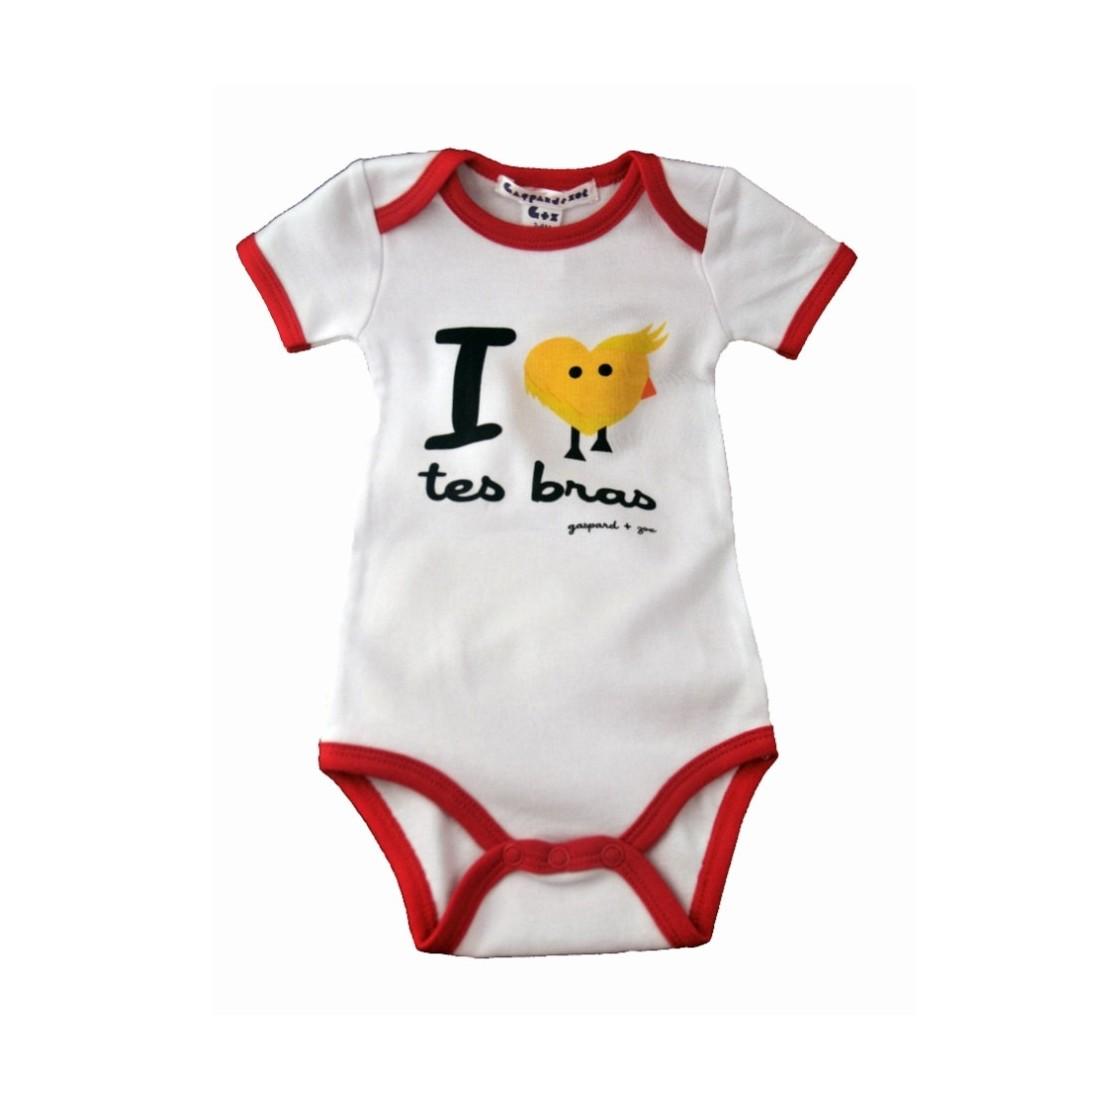 Body bébé message - J'aime tes bras